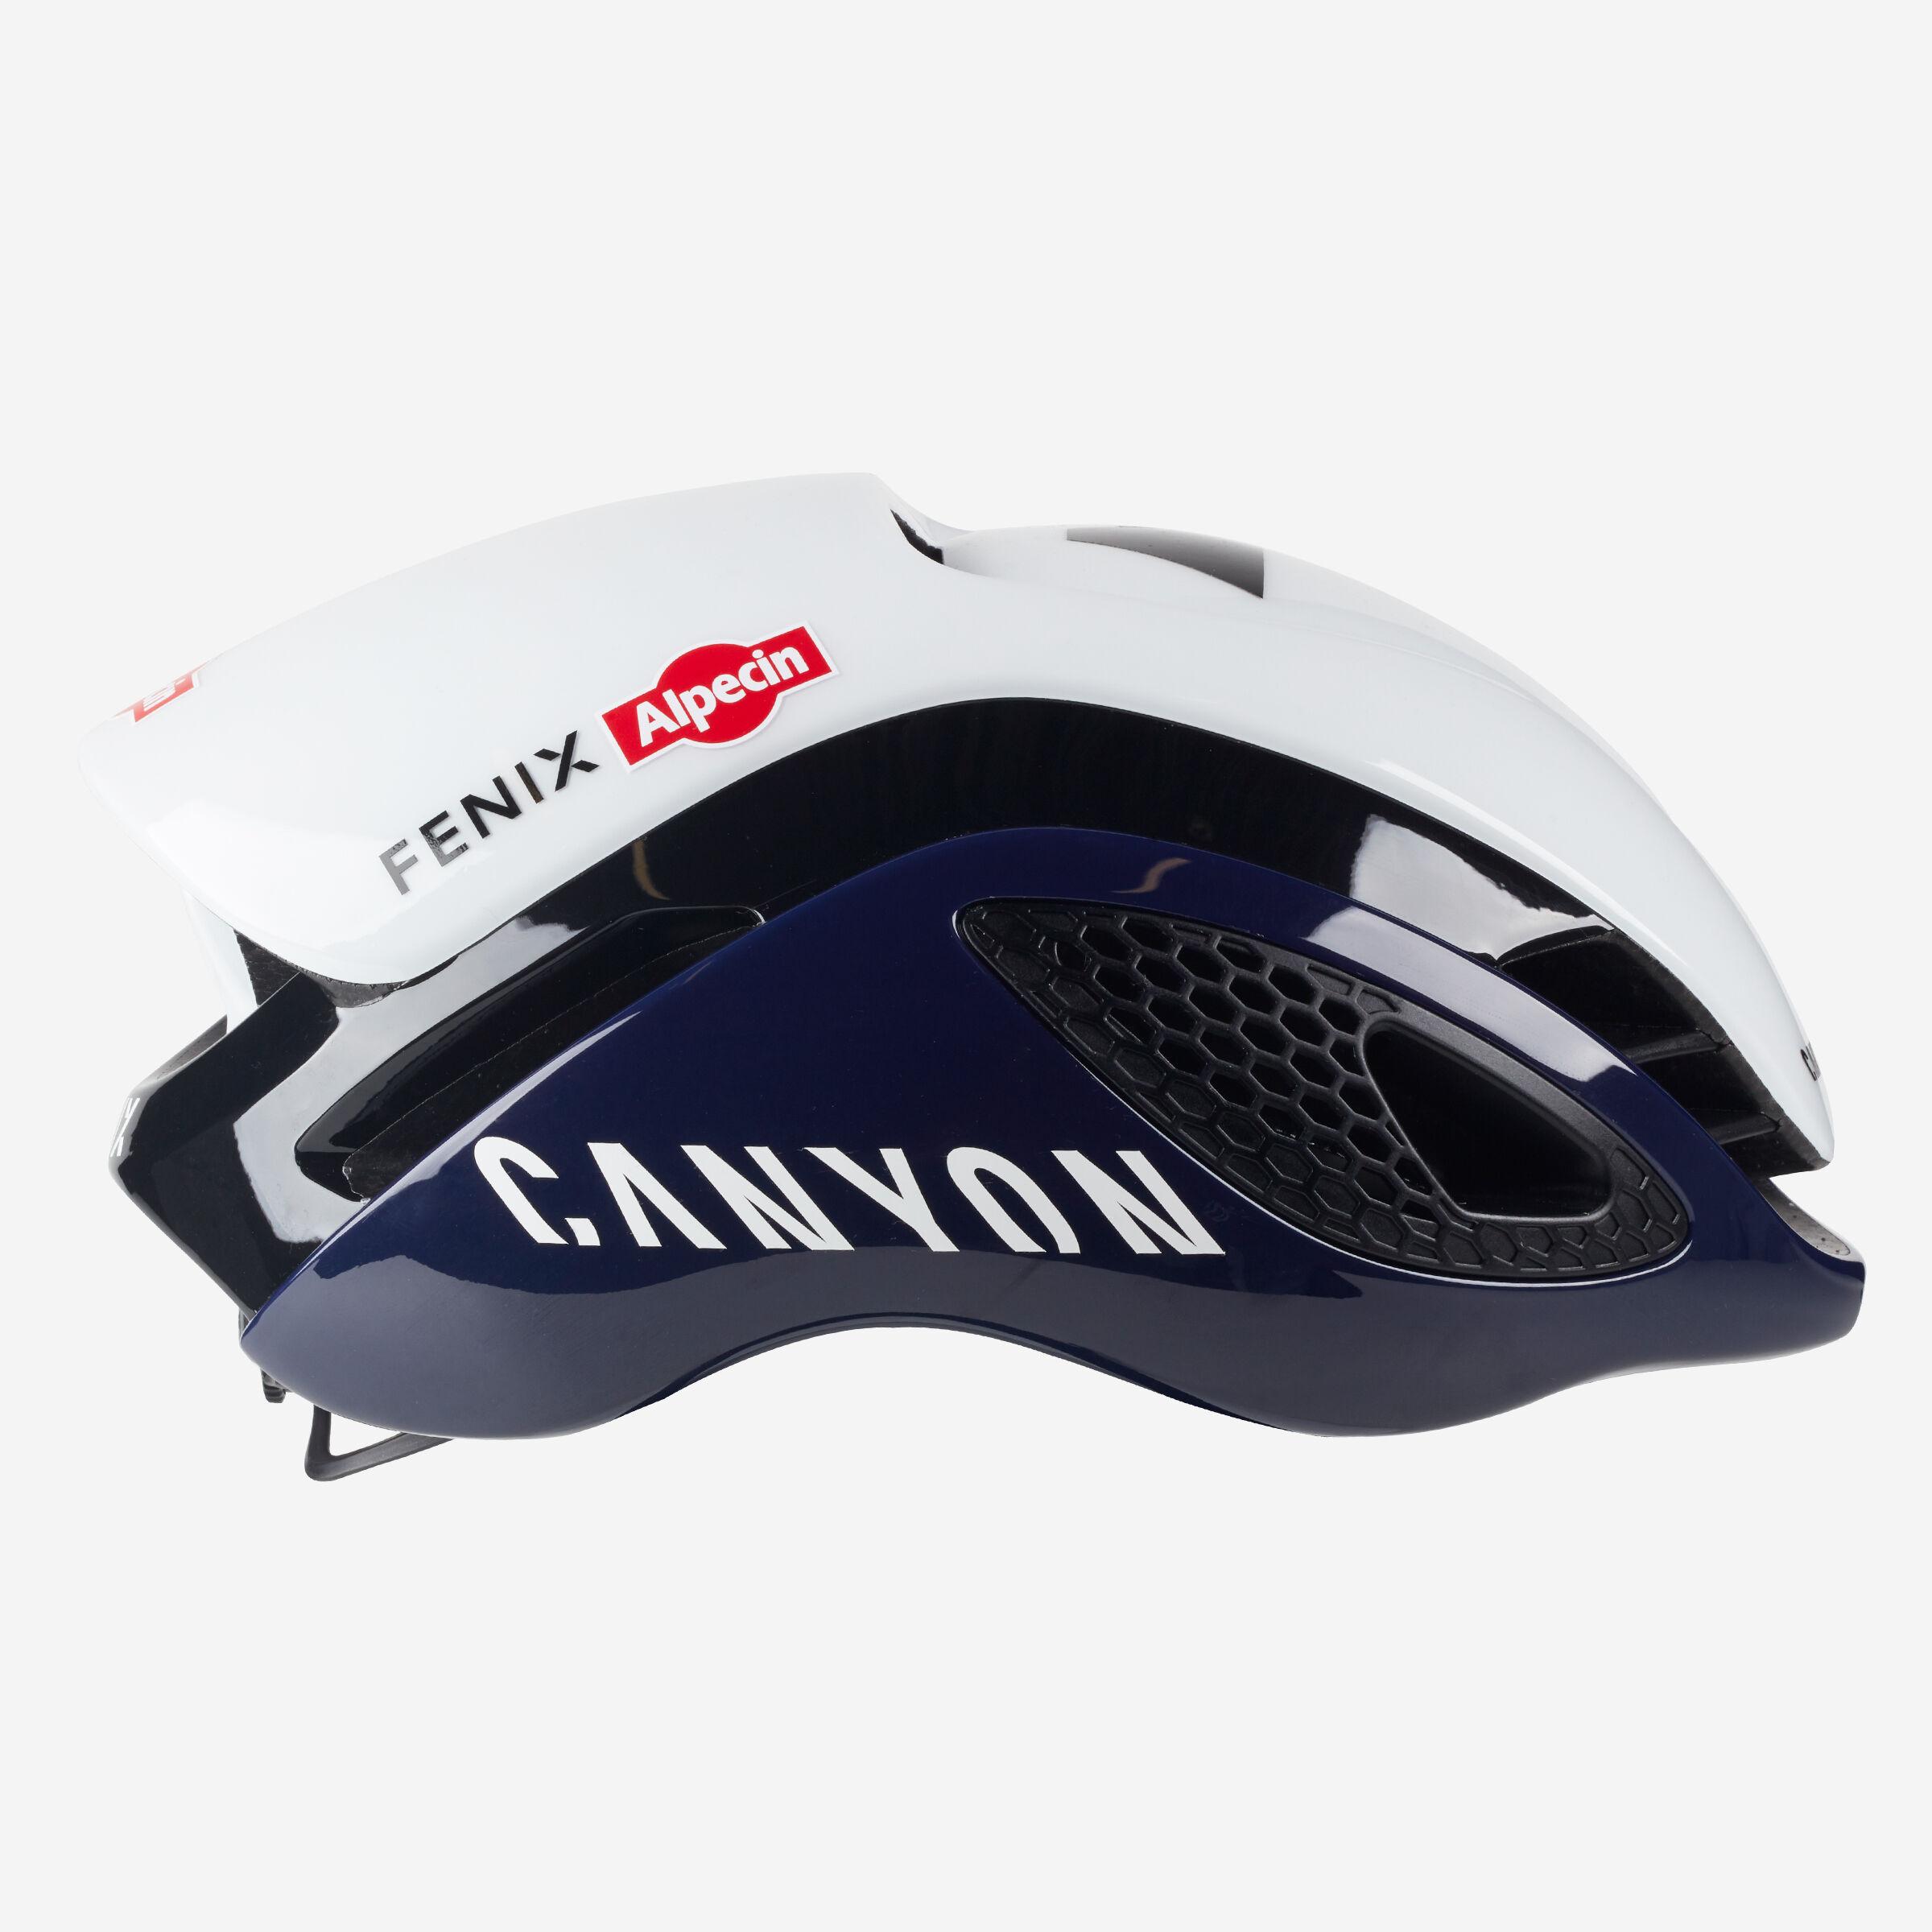 abus alpecin fenix gamechanger helmet